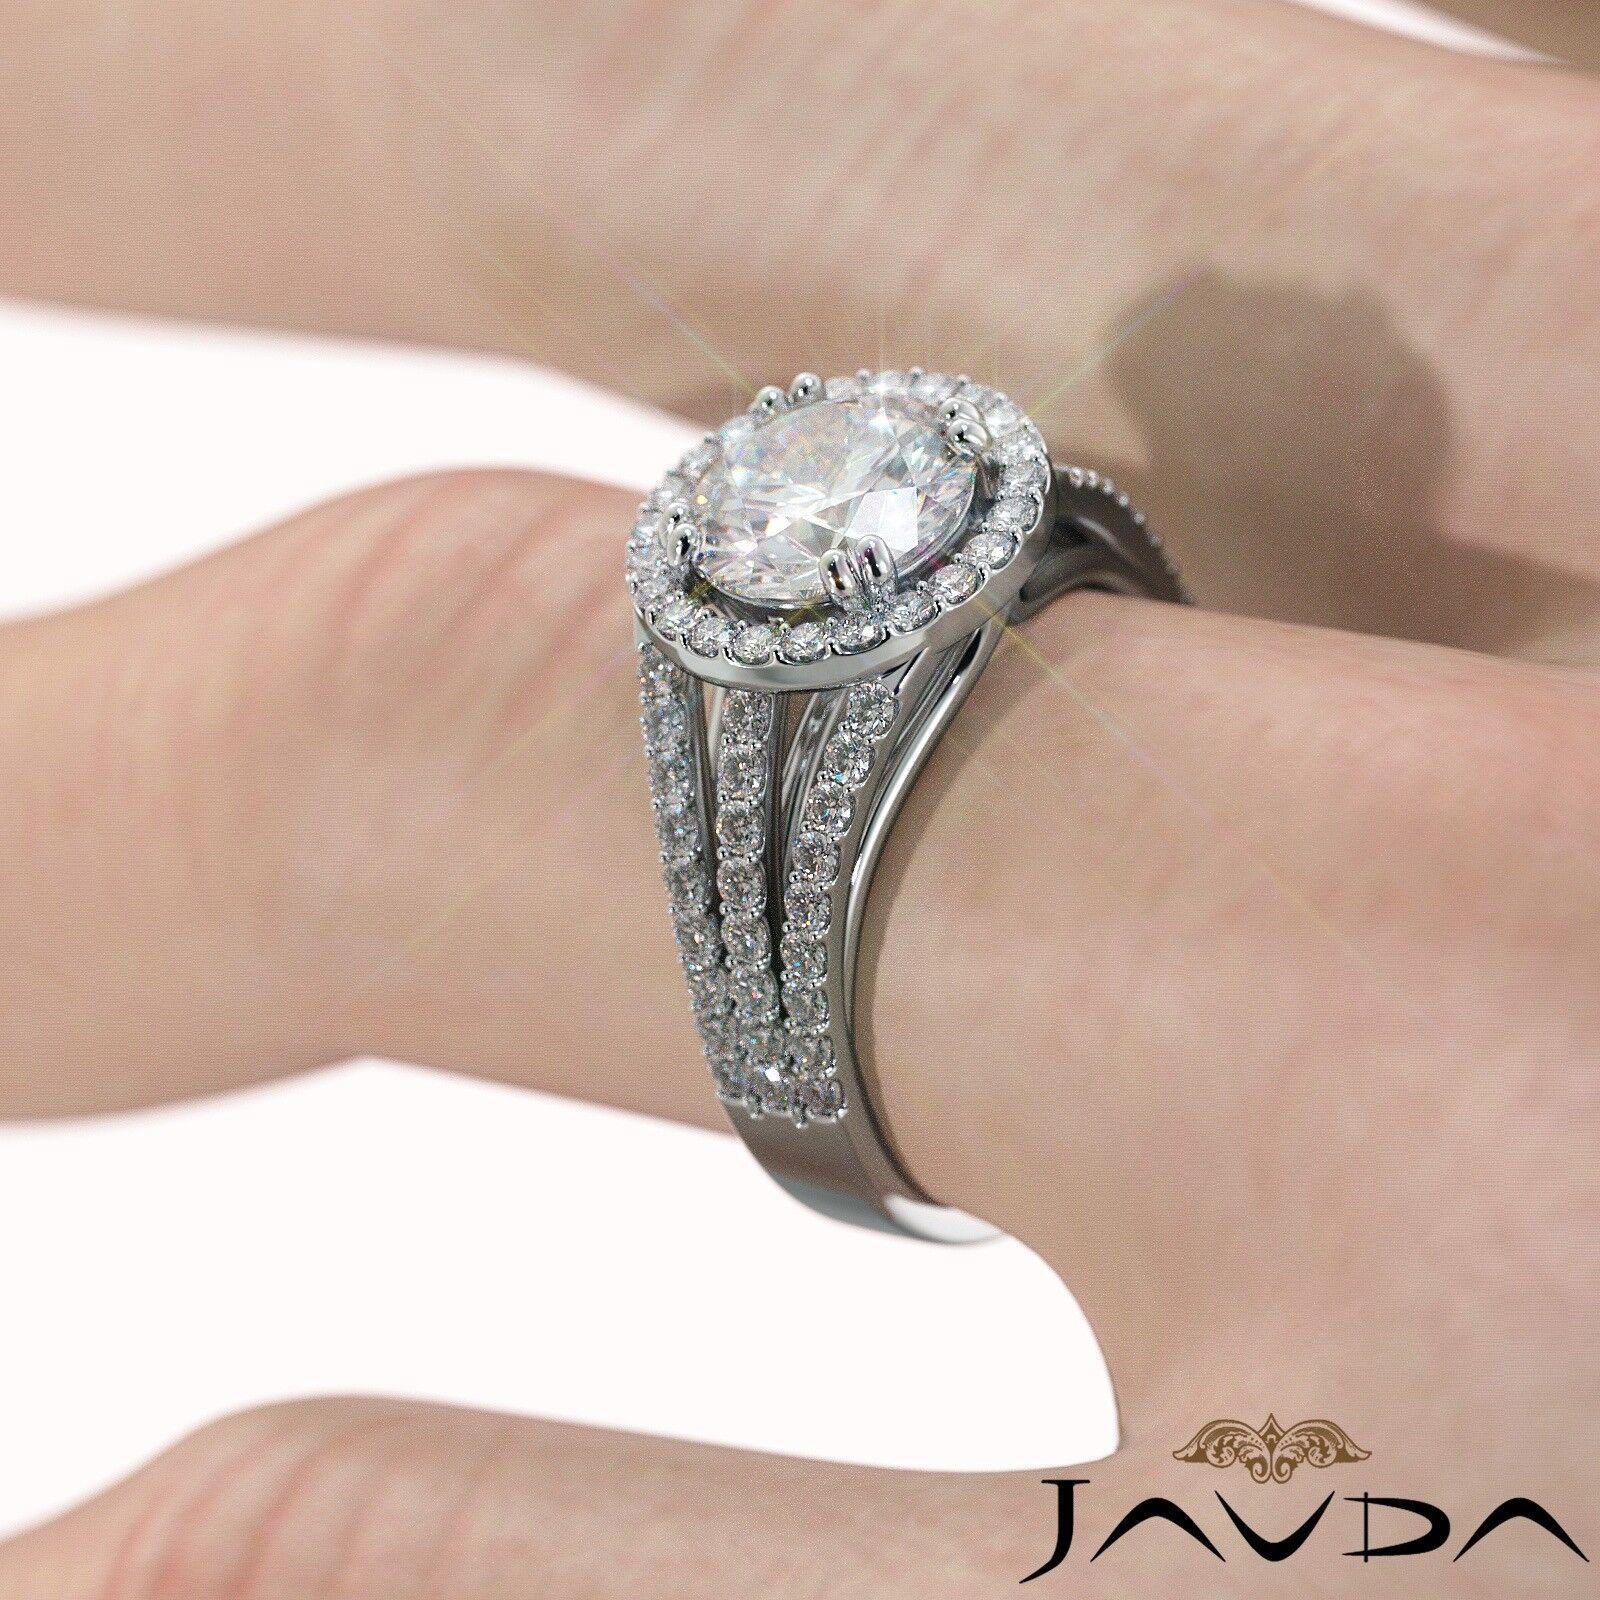 2ct Trio Shank Halo Sidestone Round Diamond Engagement Ring GIA E-VS2 White Gold 6